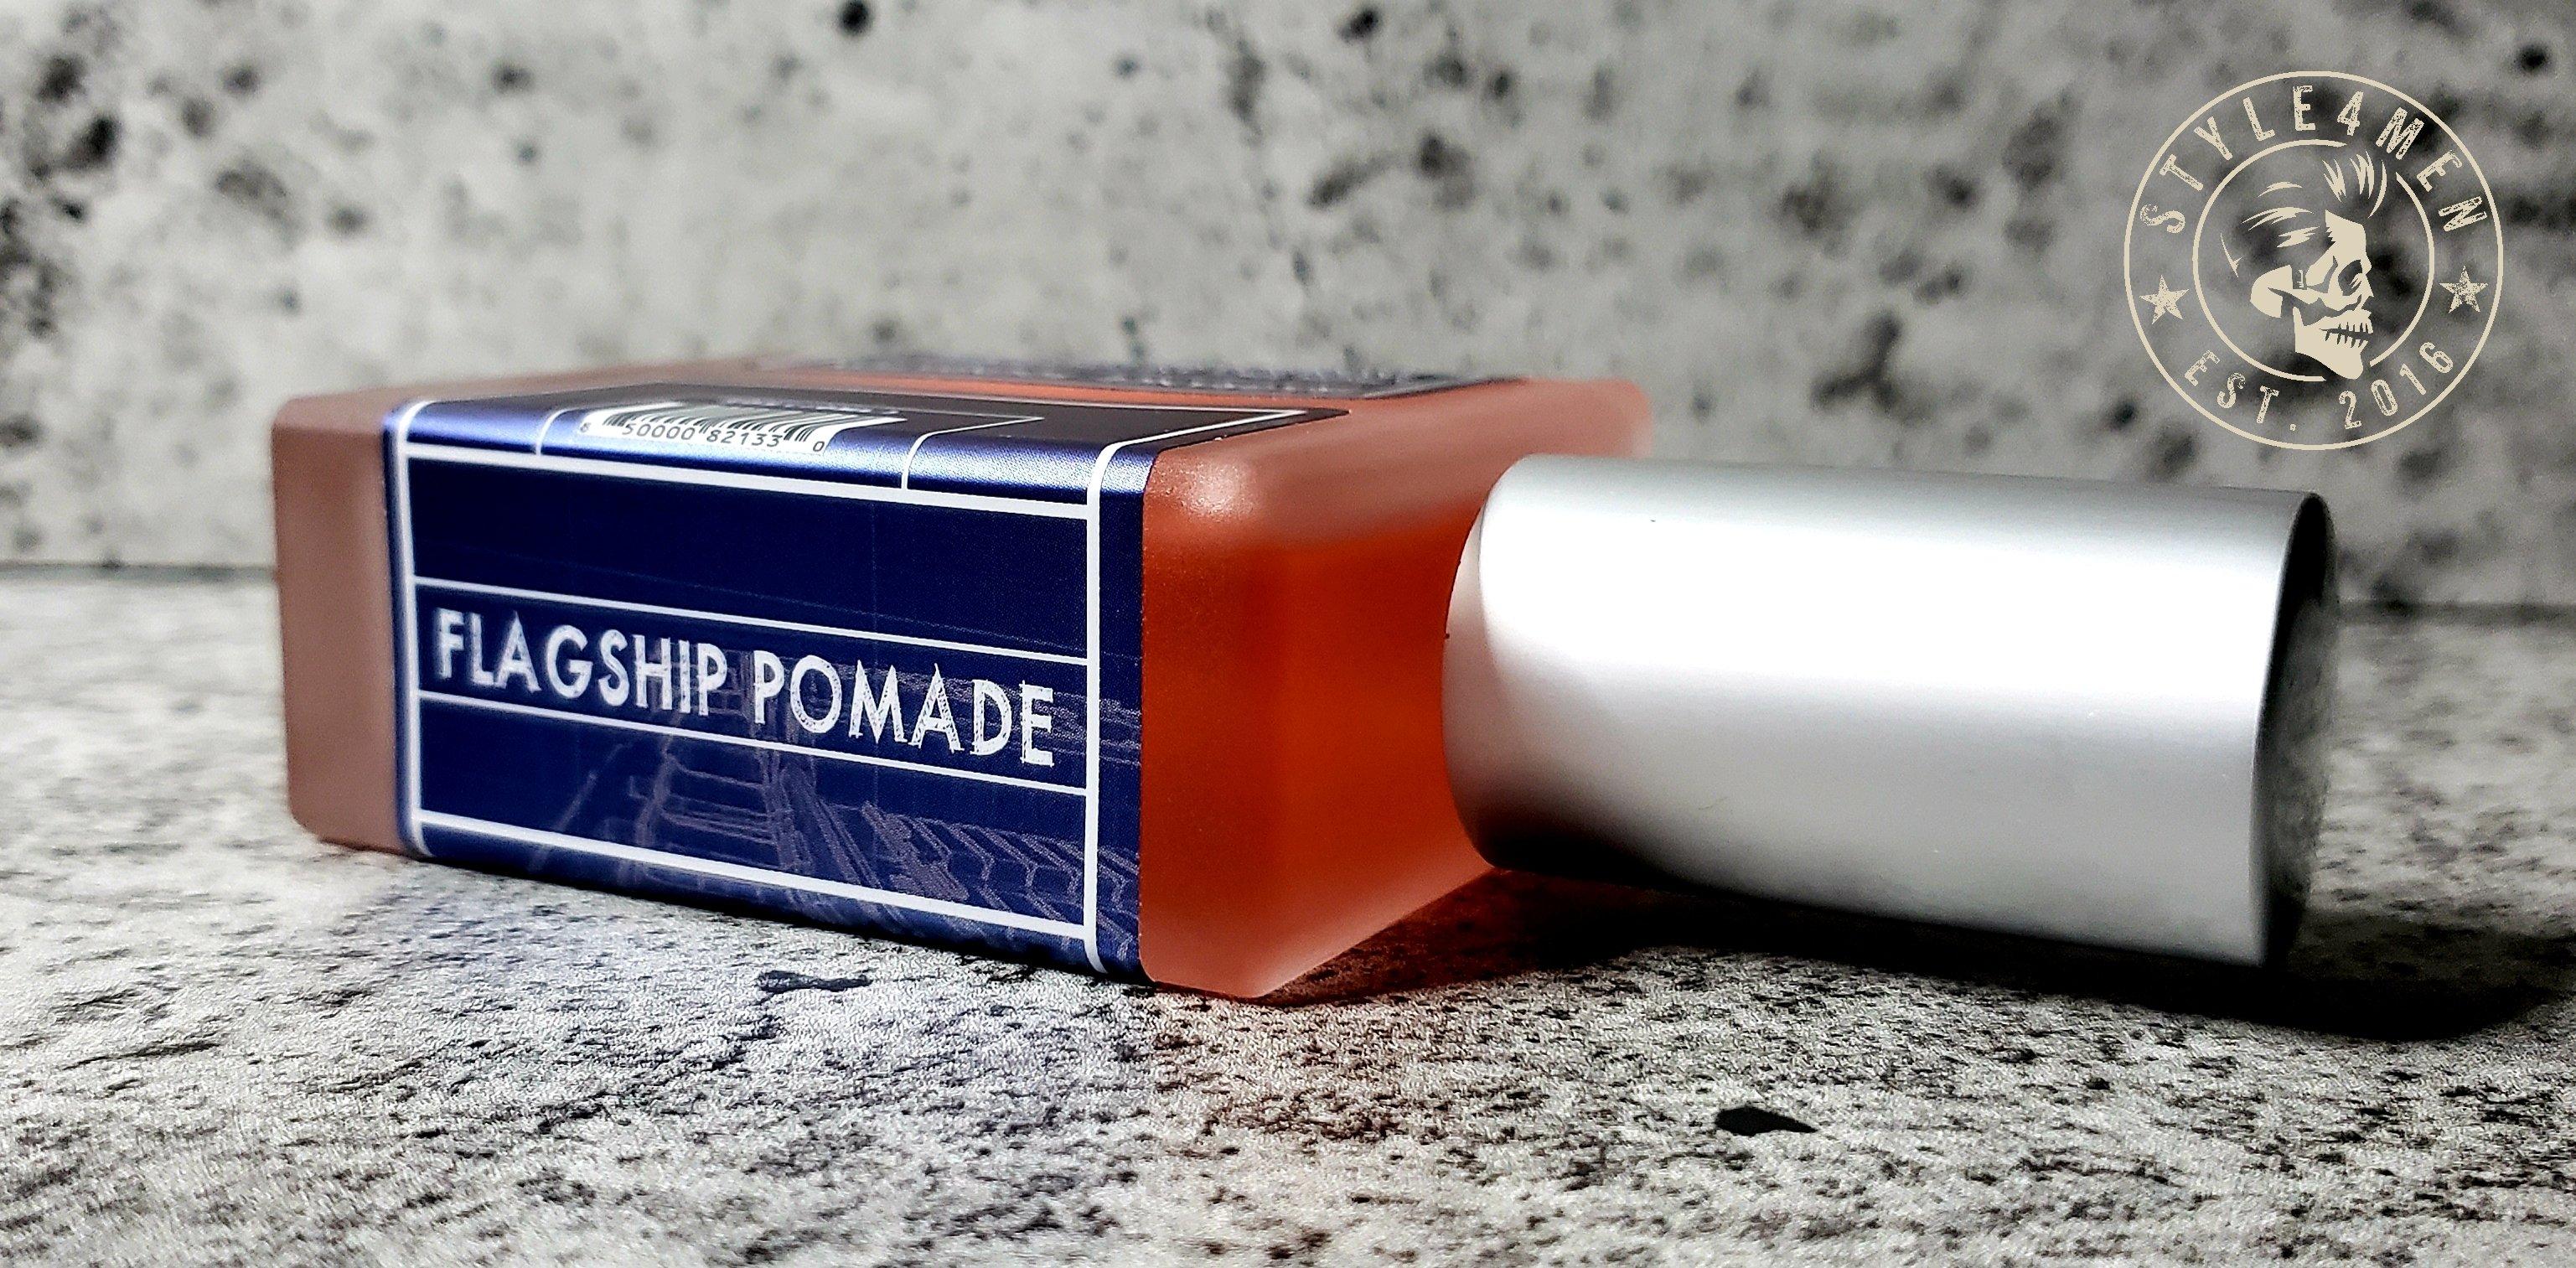 Cornerstone eau de parfum